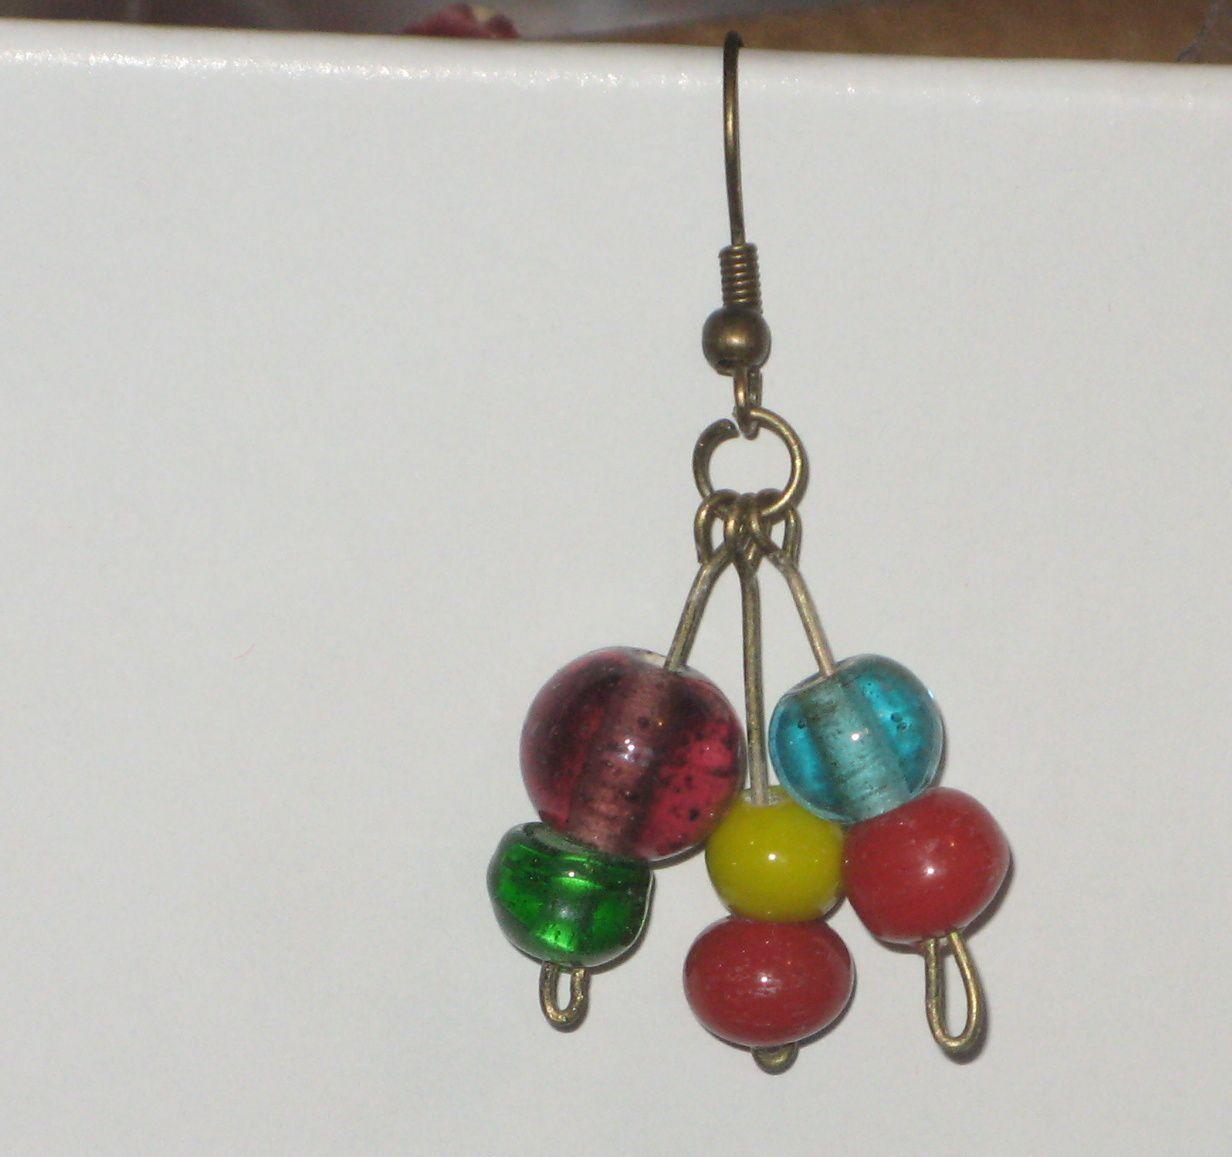 Une jolie paire de boucles d'oreilles , avec des perles de verrescharlotteblabla blog